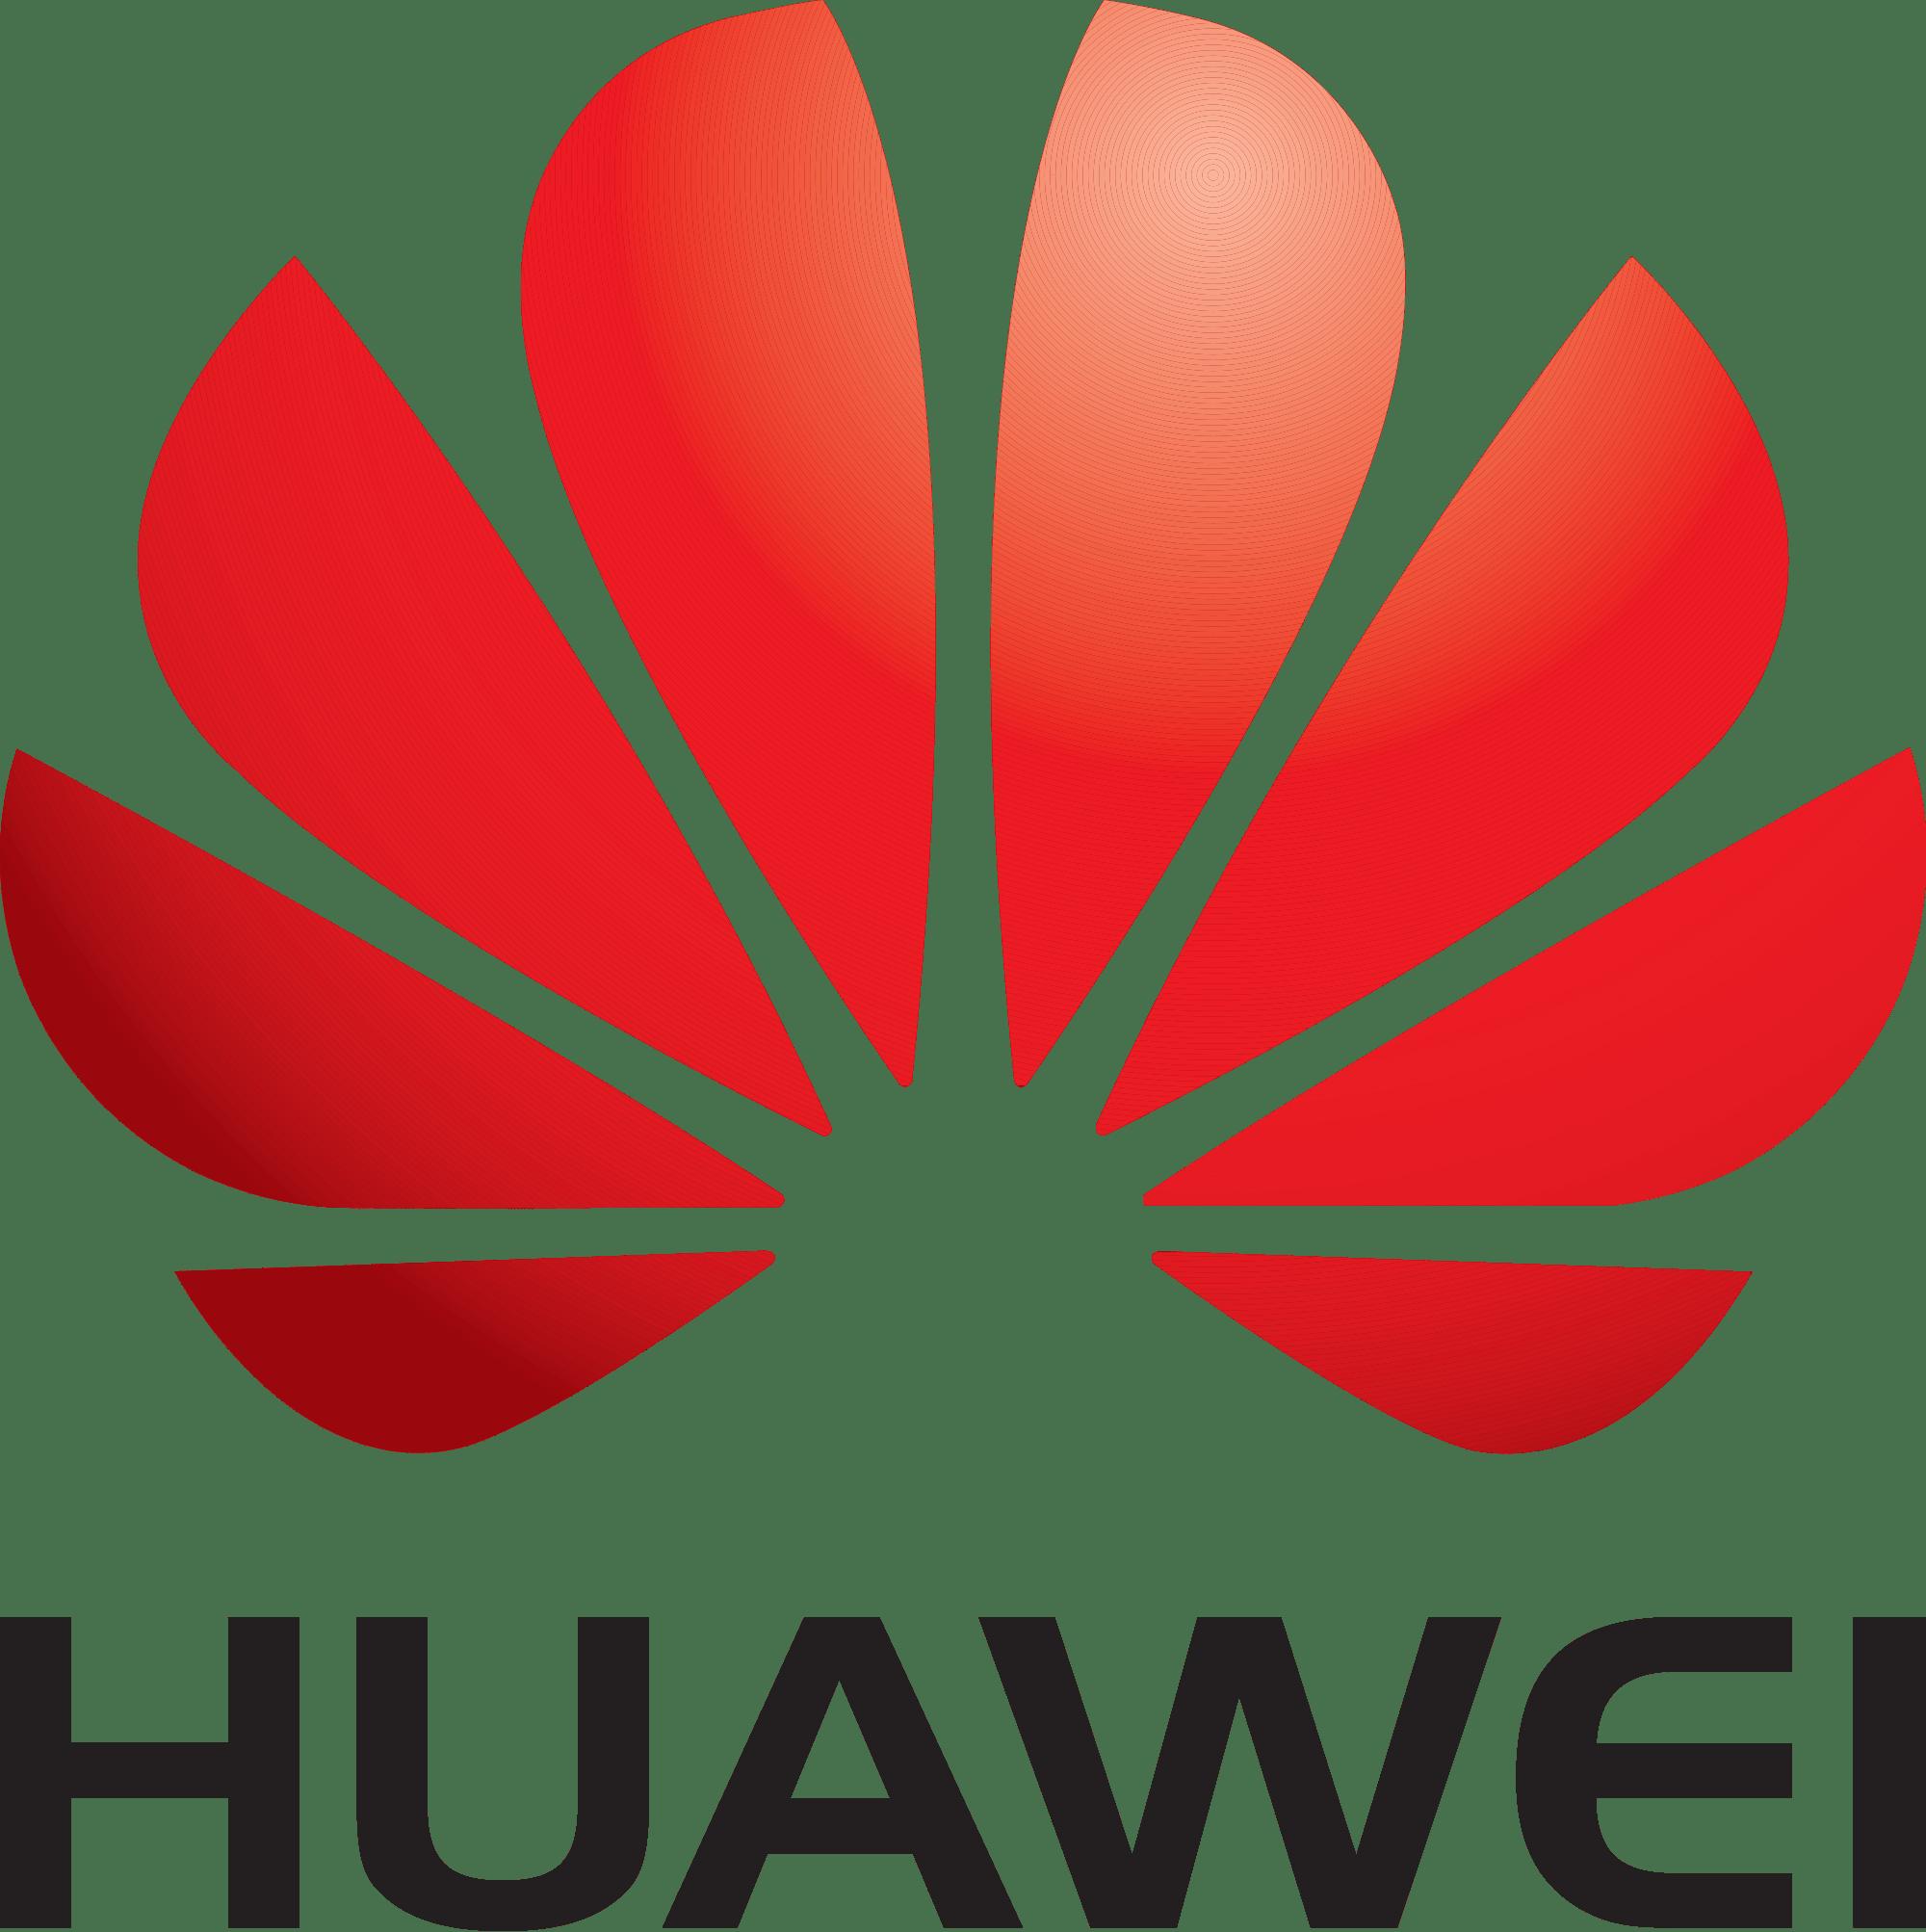 huawei logotype